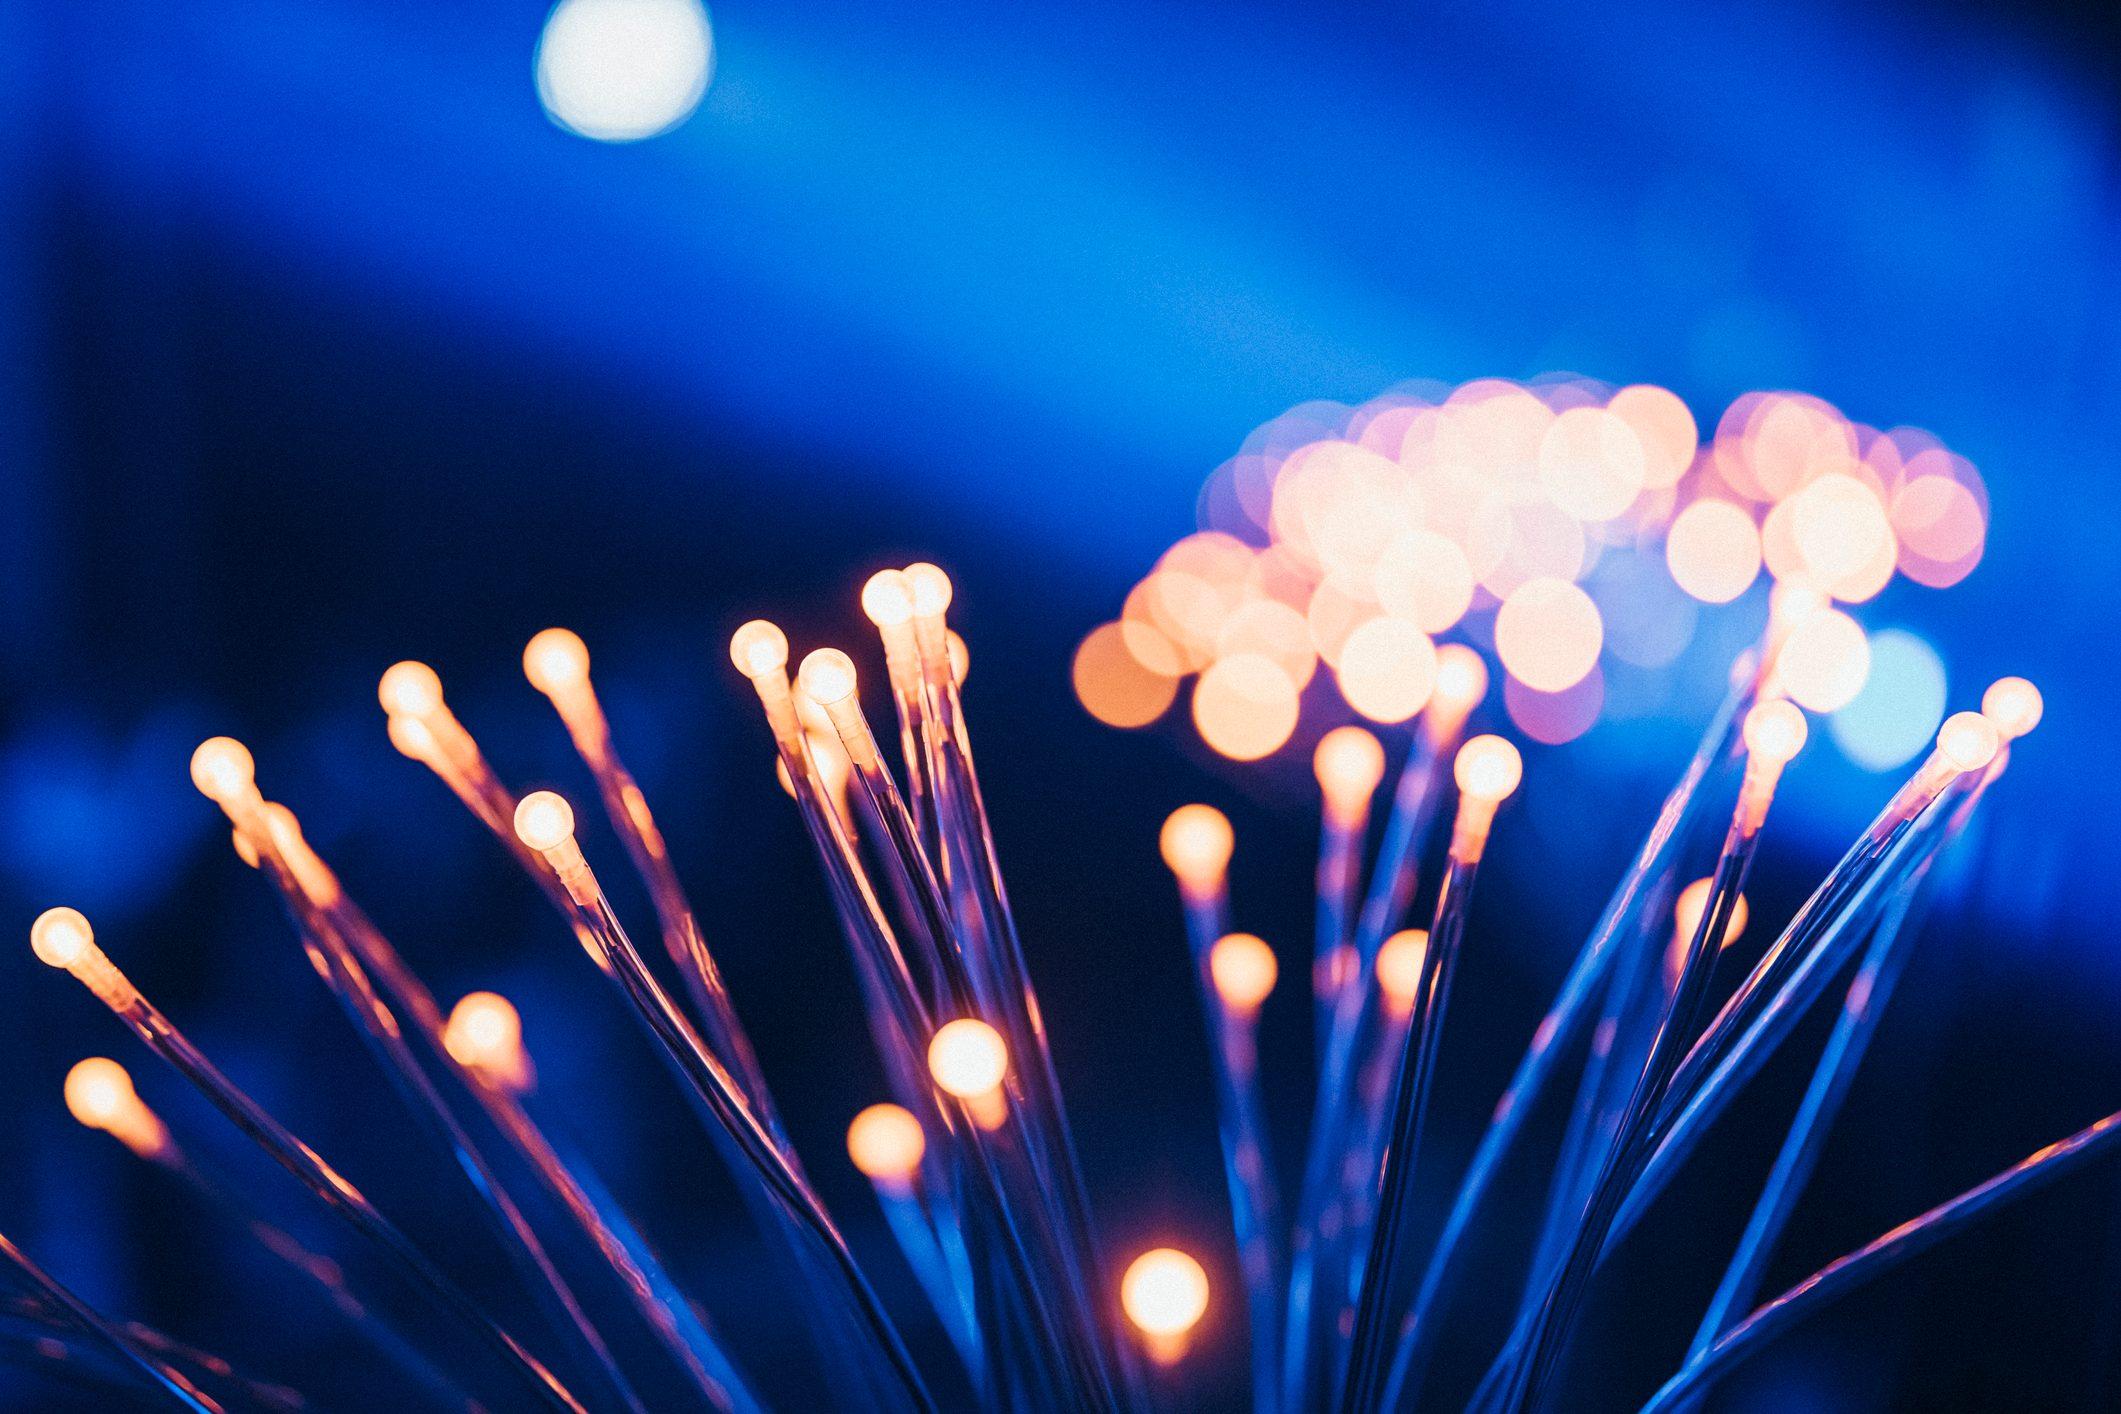 String Lights, LED Fireworks Copper String Lights Bouquet Shape